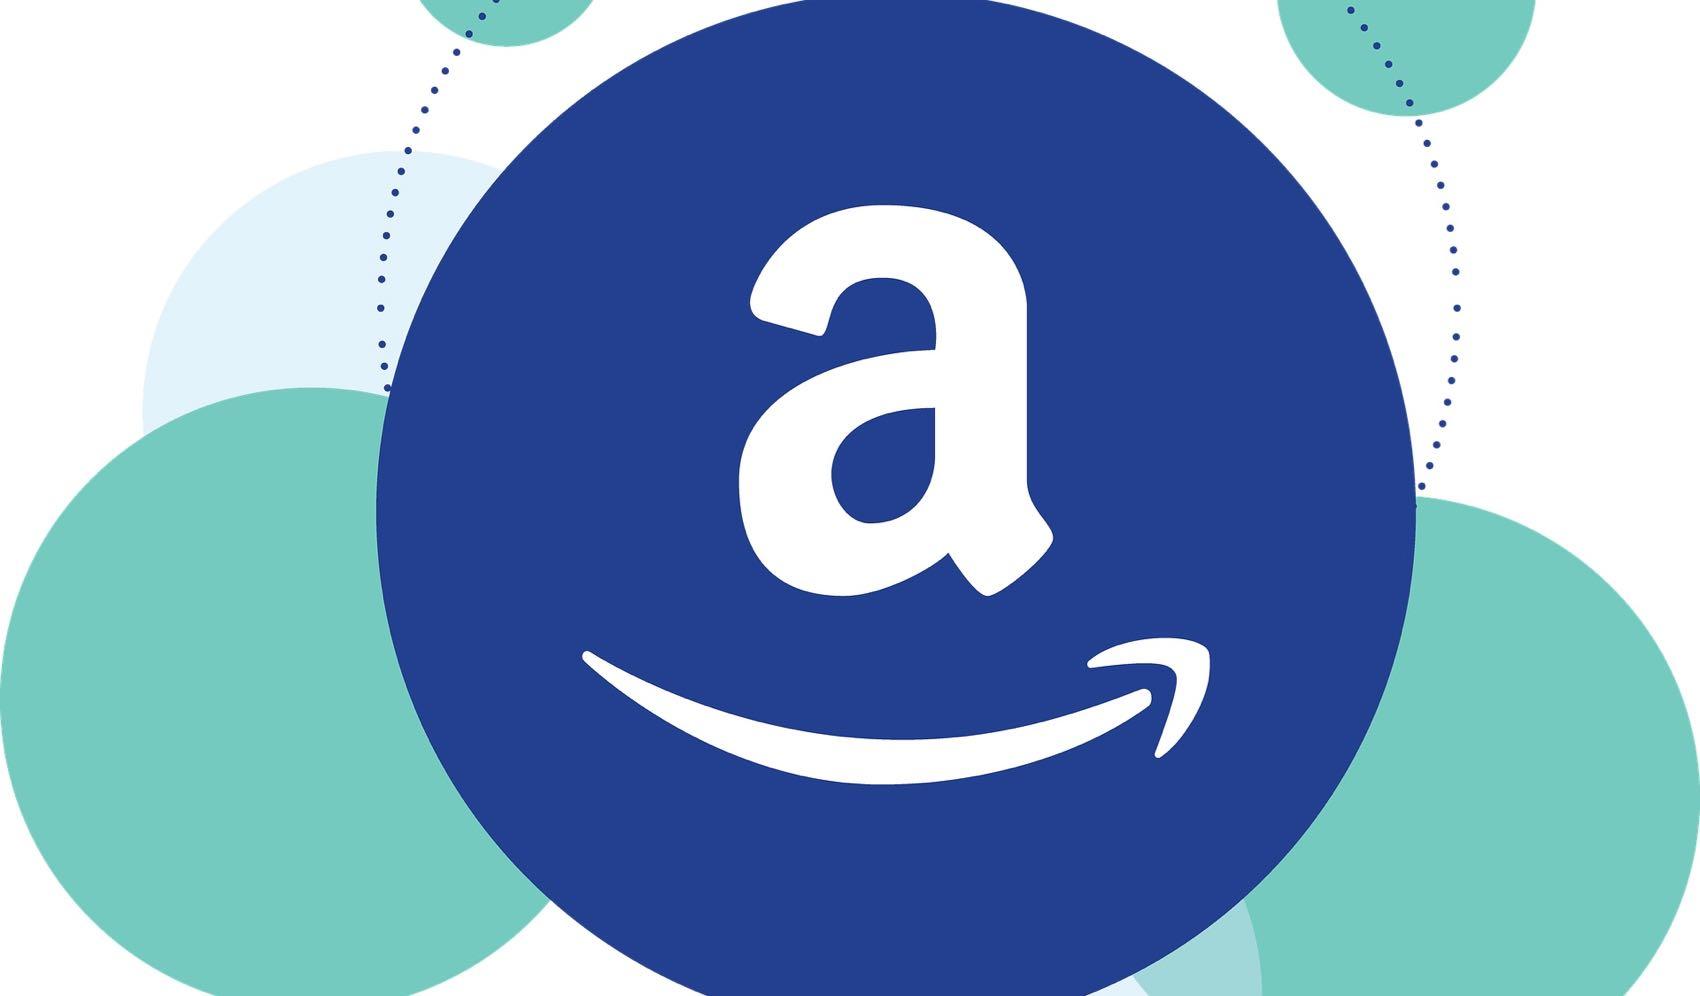 L'Union européenne ouvre une enquête sur Amazon